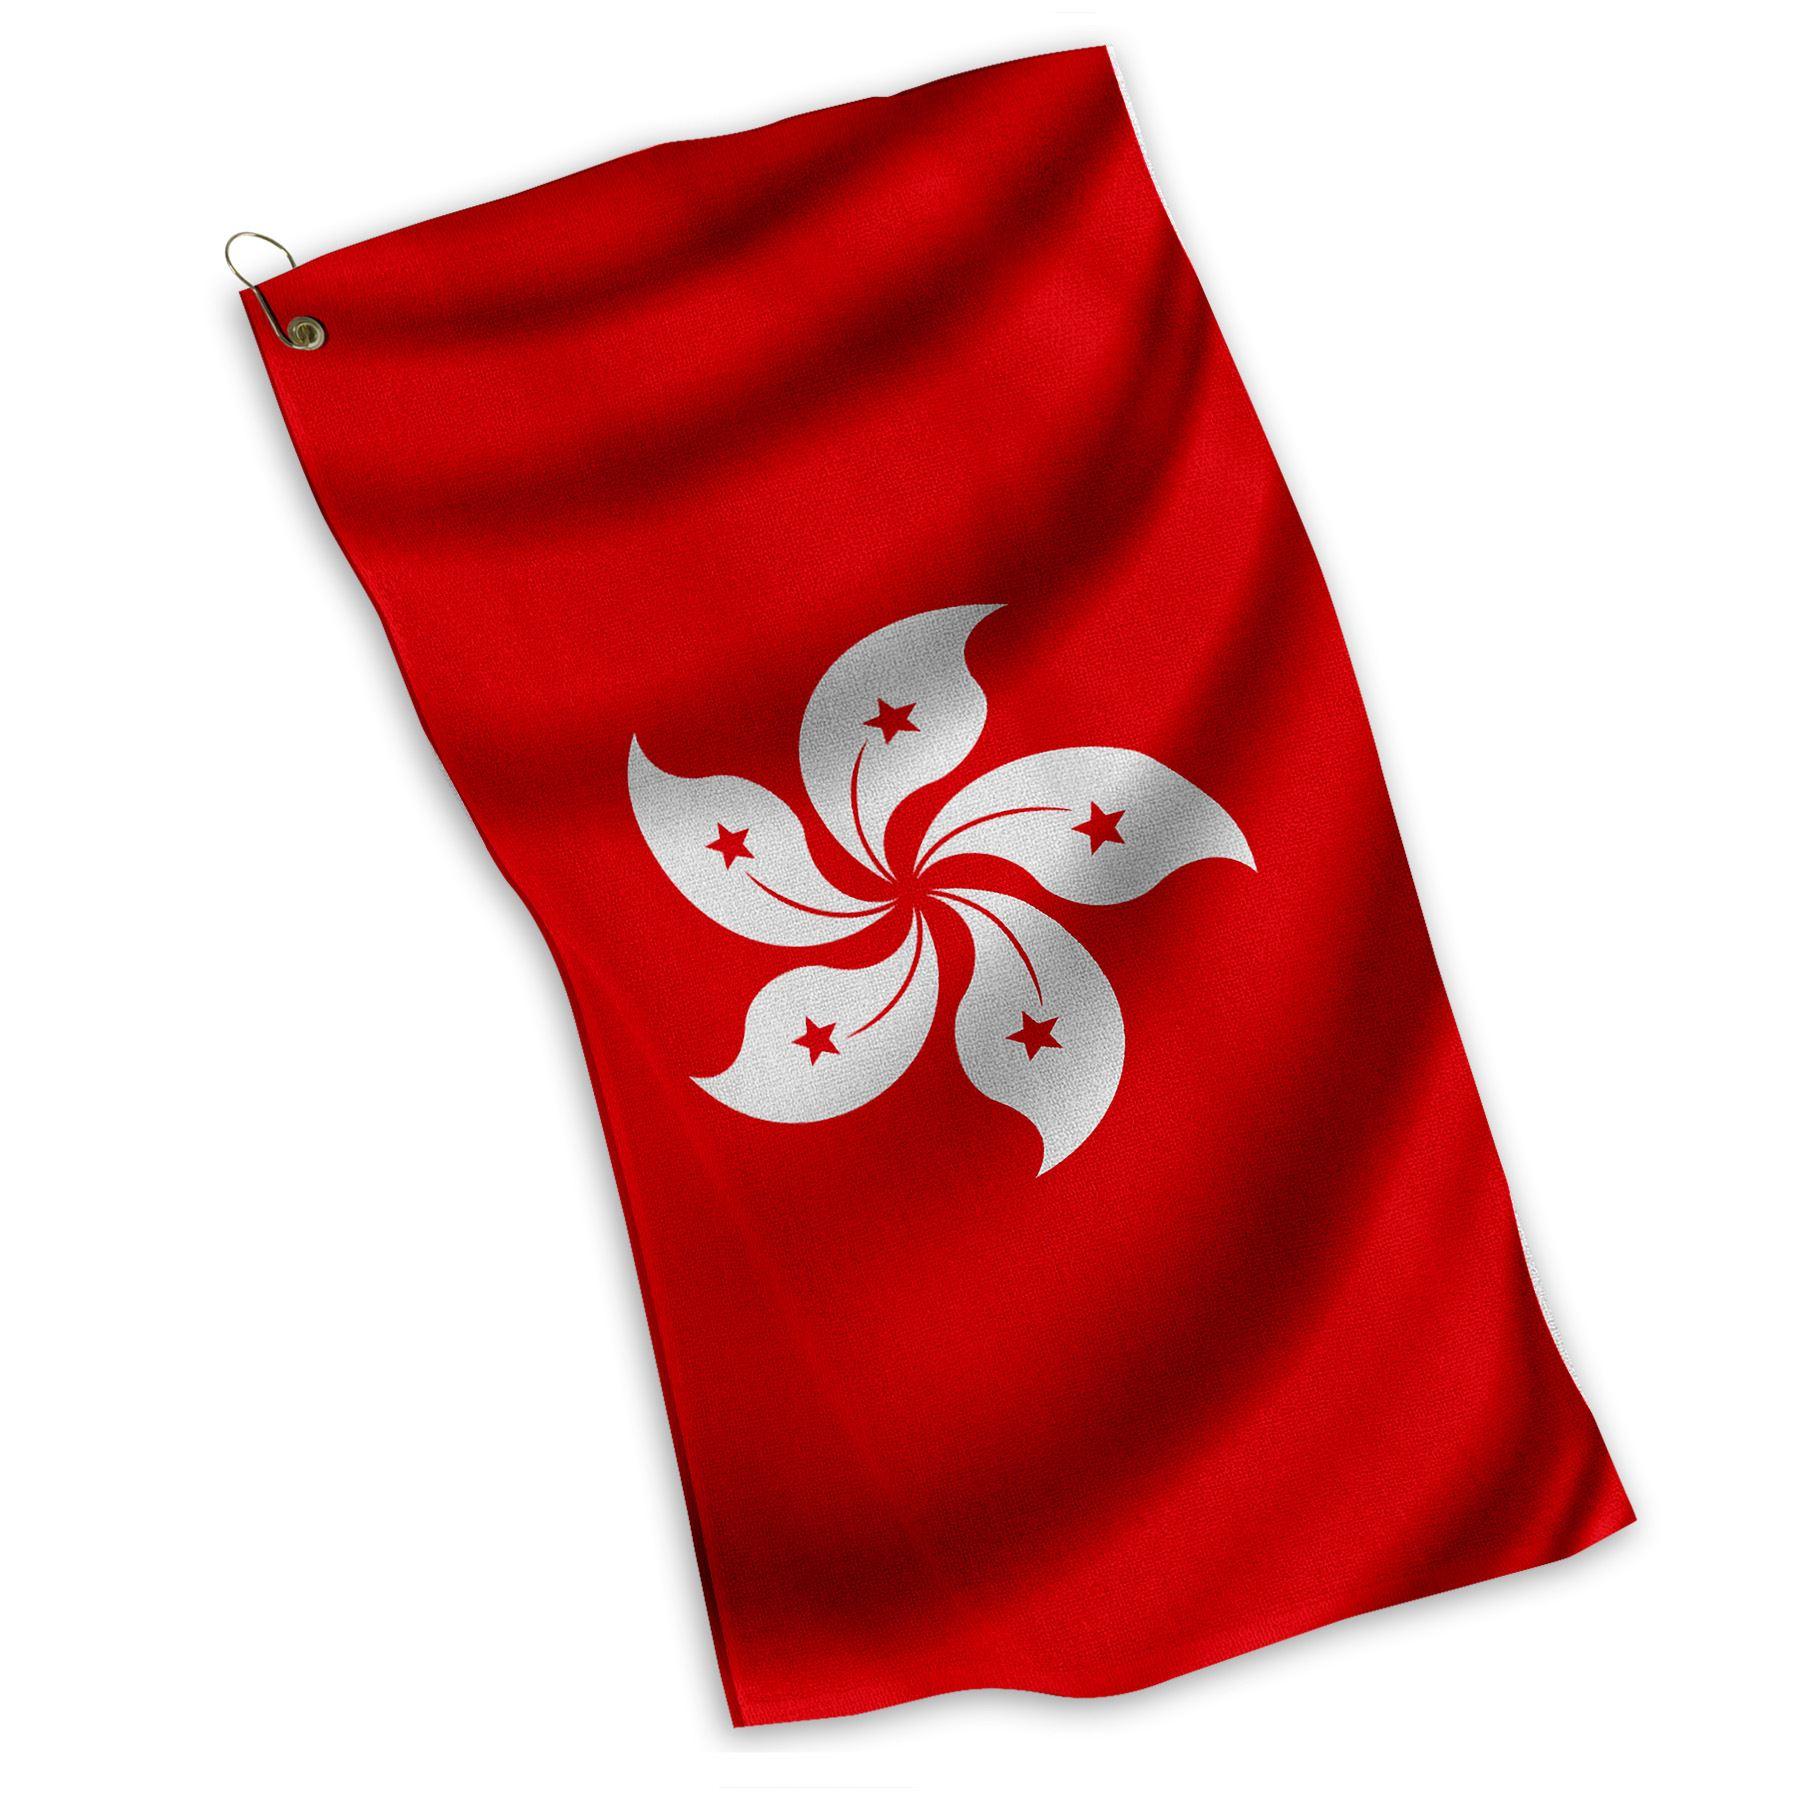 Kitchen Design Hong Kong: Golf / Sports / Kitchen Towel With Flag Of Hong Kong